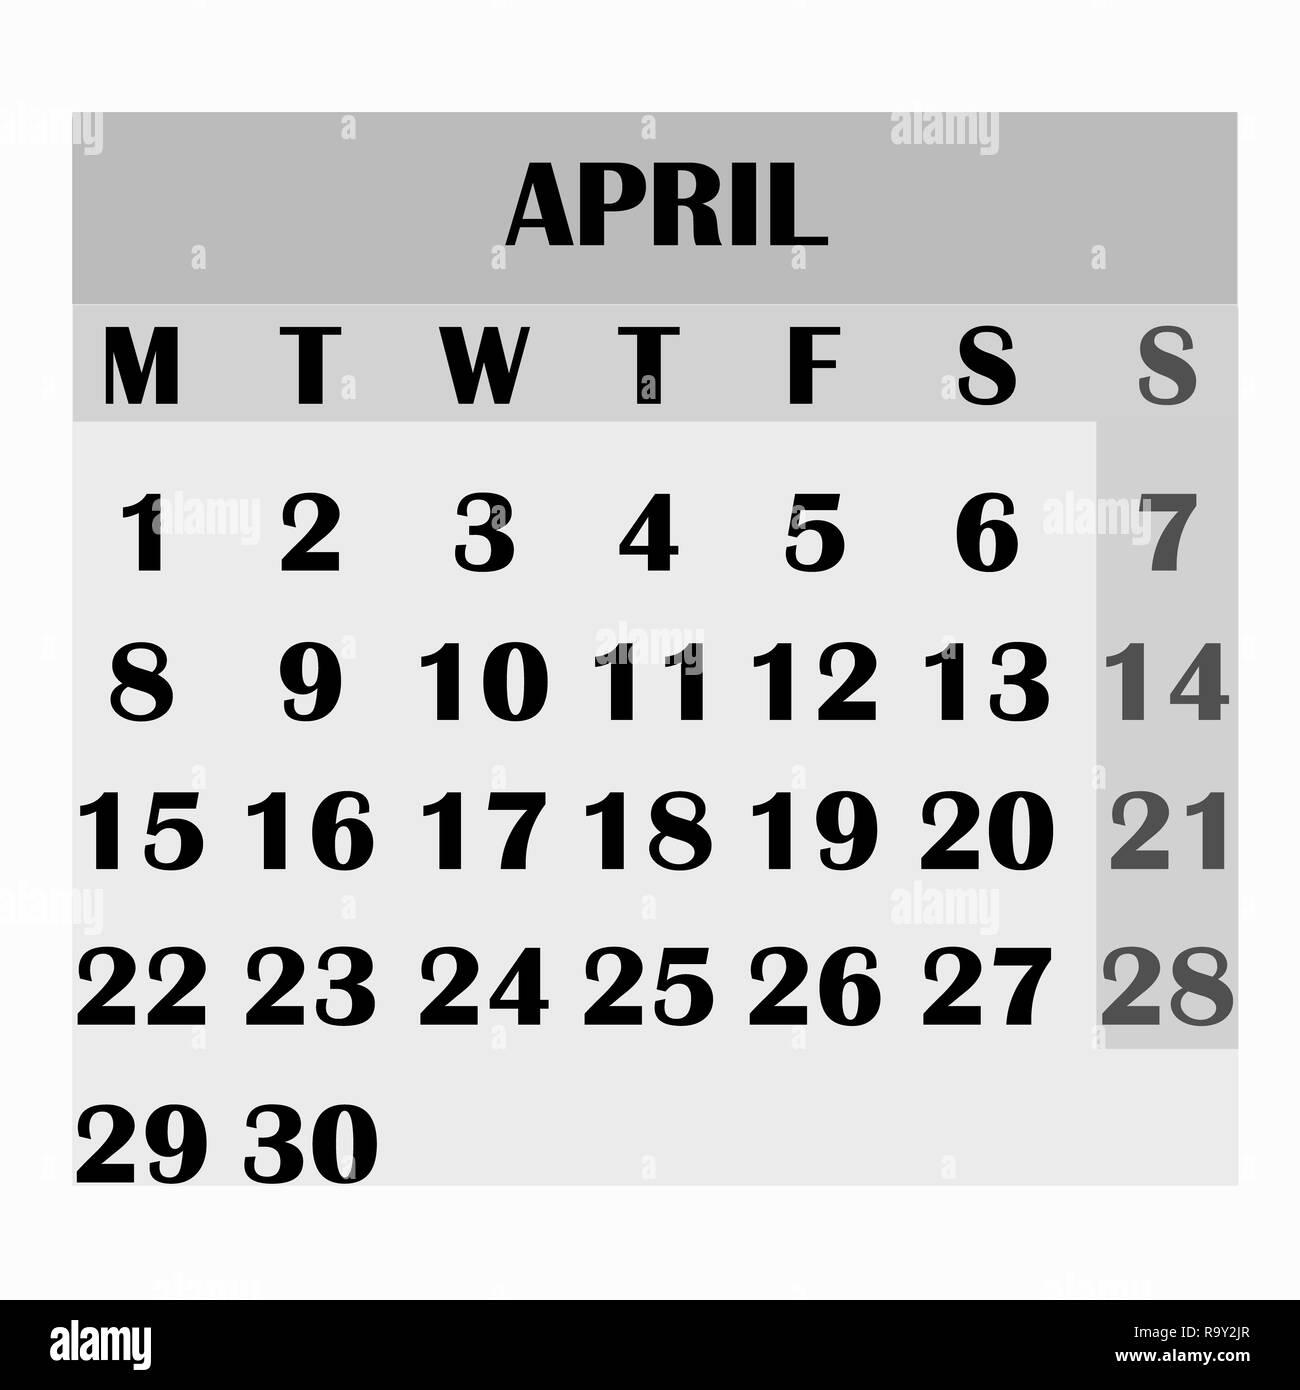 kalender design monat april 2019 2019 kalender einfaches. Black Bedroom Furniture Sets. Home Design Ideas